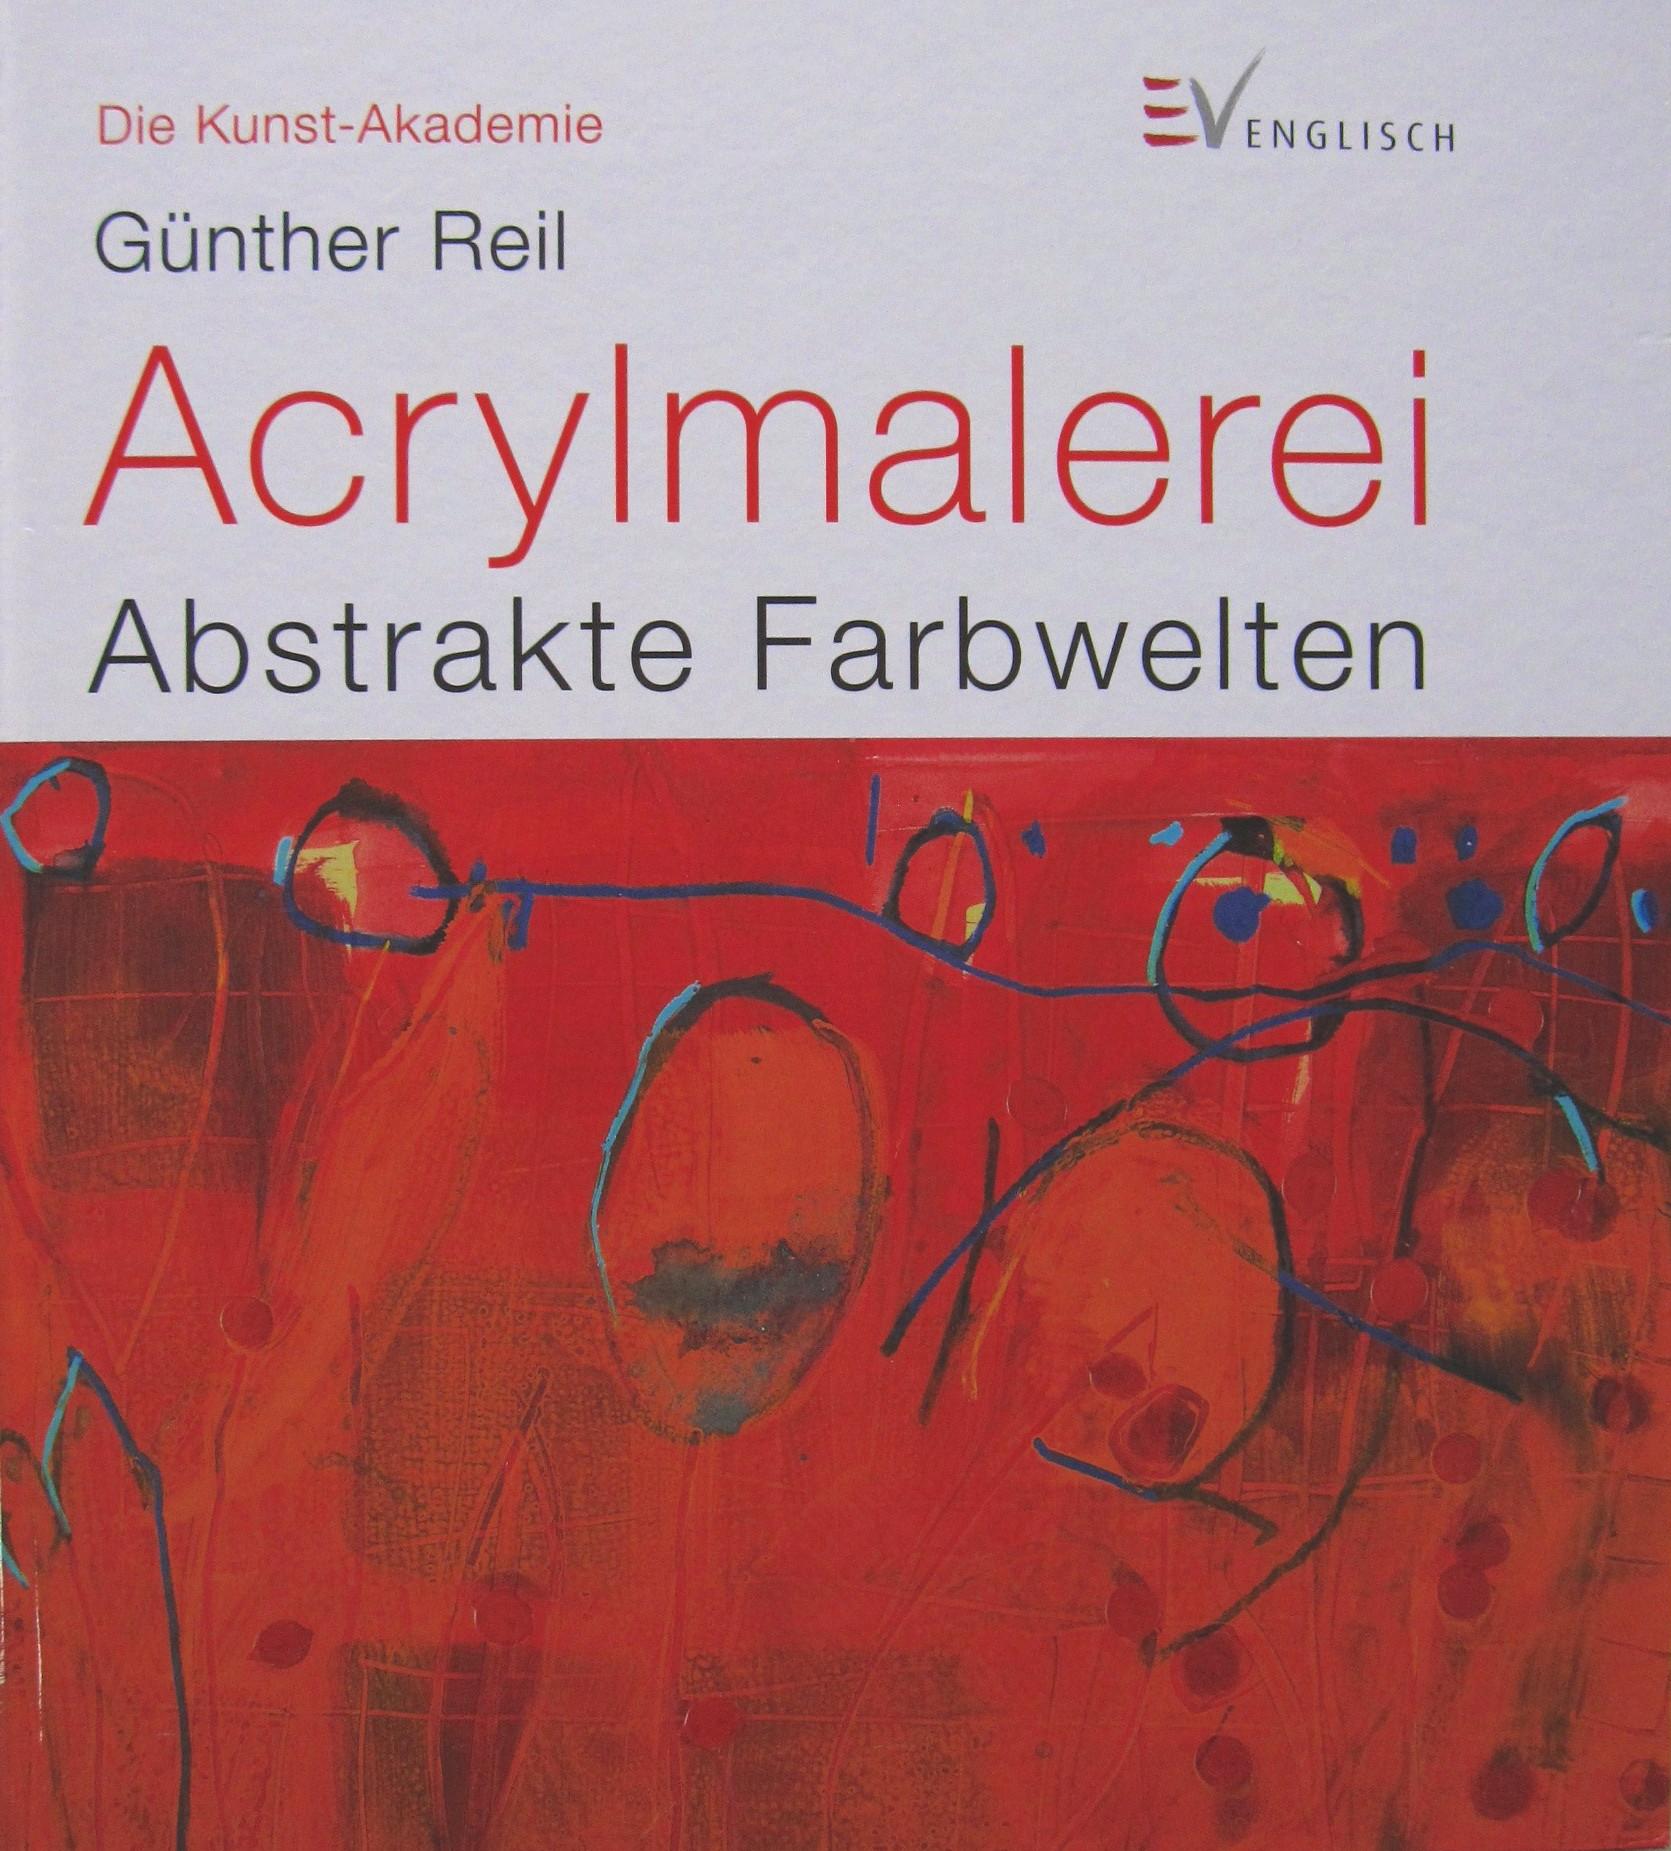 Img 2524 acrylmalerei abstrakte farbwelten g nther reil - Acrylmalerei ideen ...